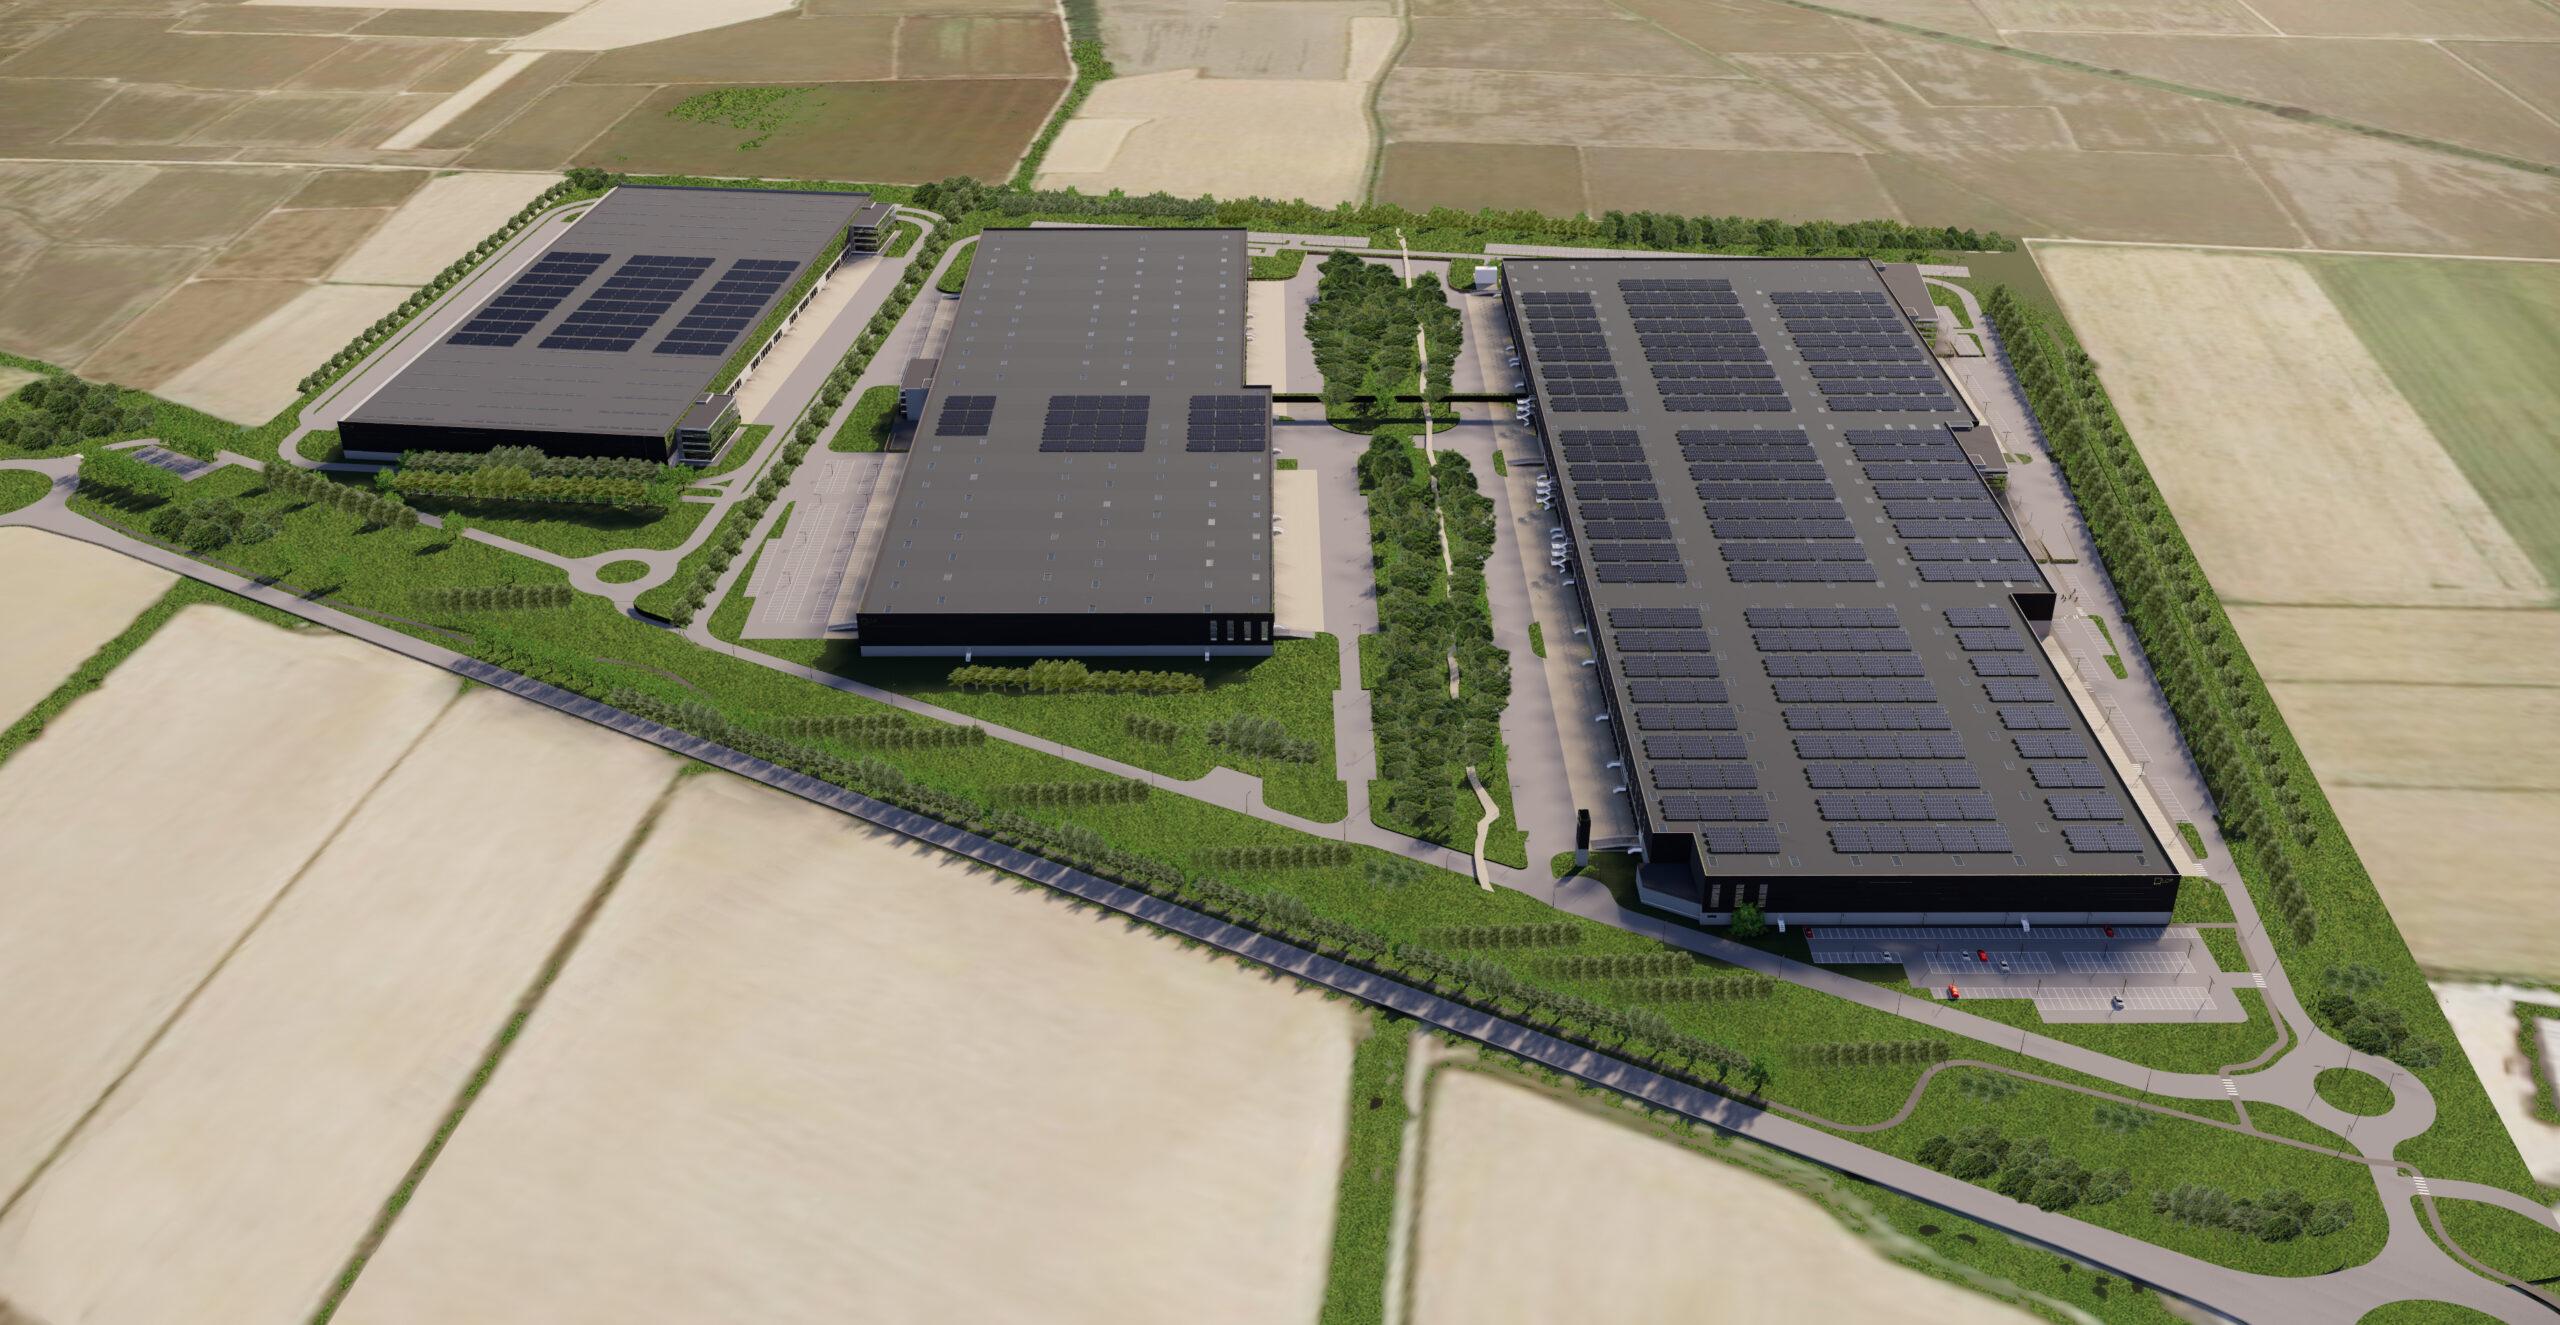 LCP Vista Aerea_02 - Trecate XXL logistic park LCP | SQM Real Estate miglior agenzia immobiliare per aziende industria terreni logistica sviluppo immobiliare